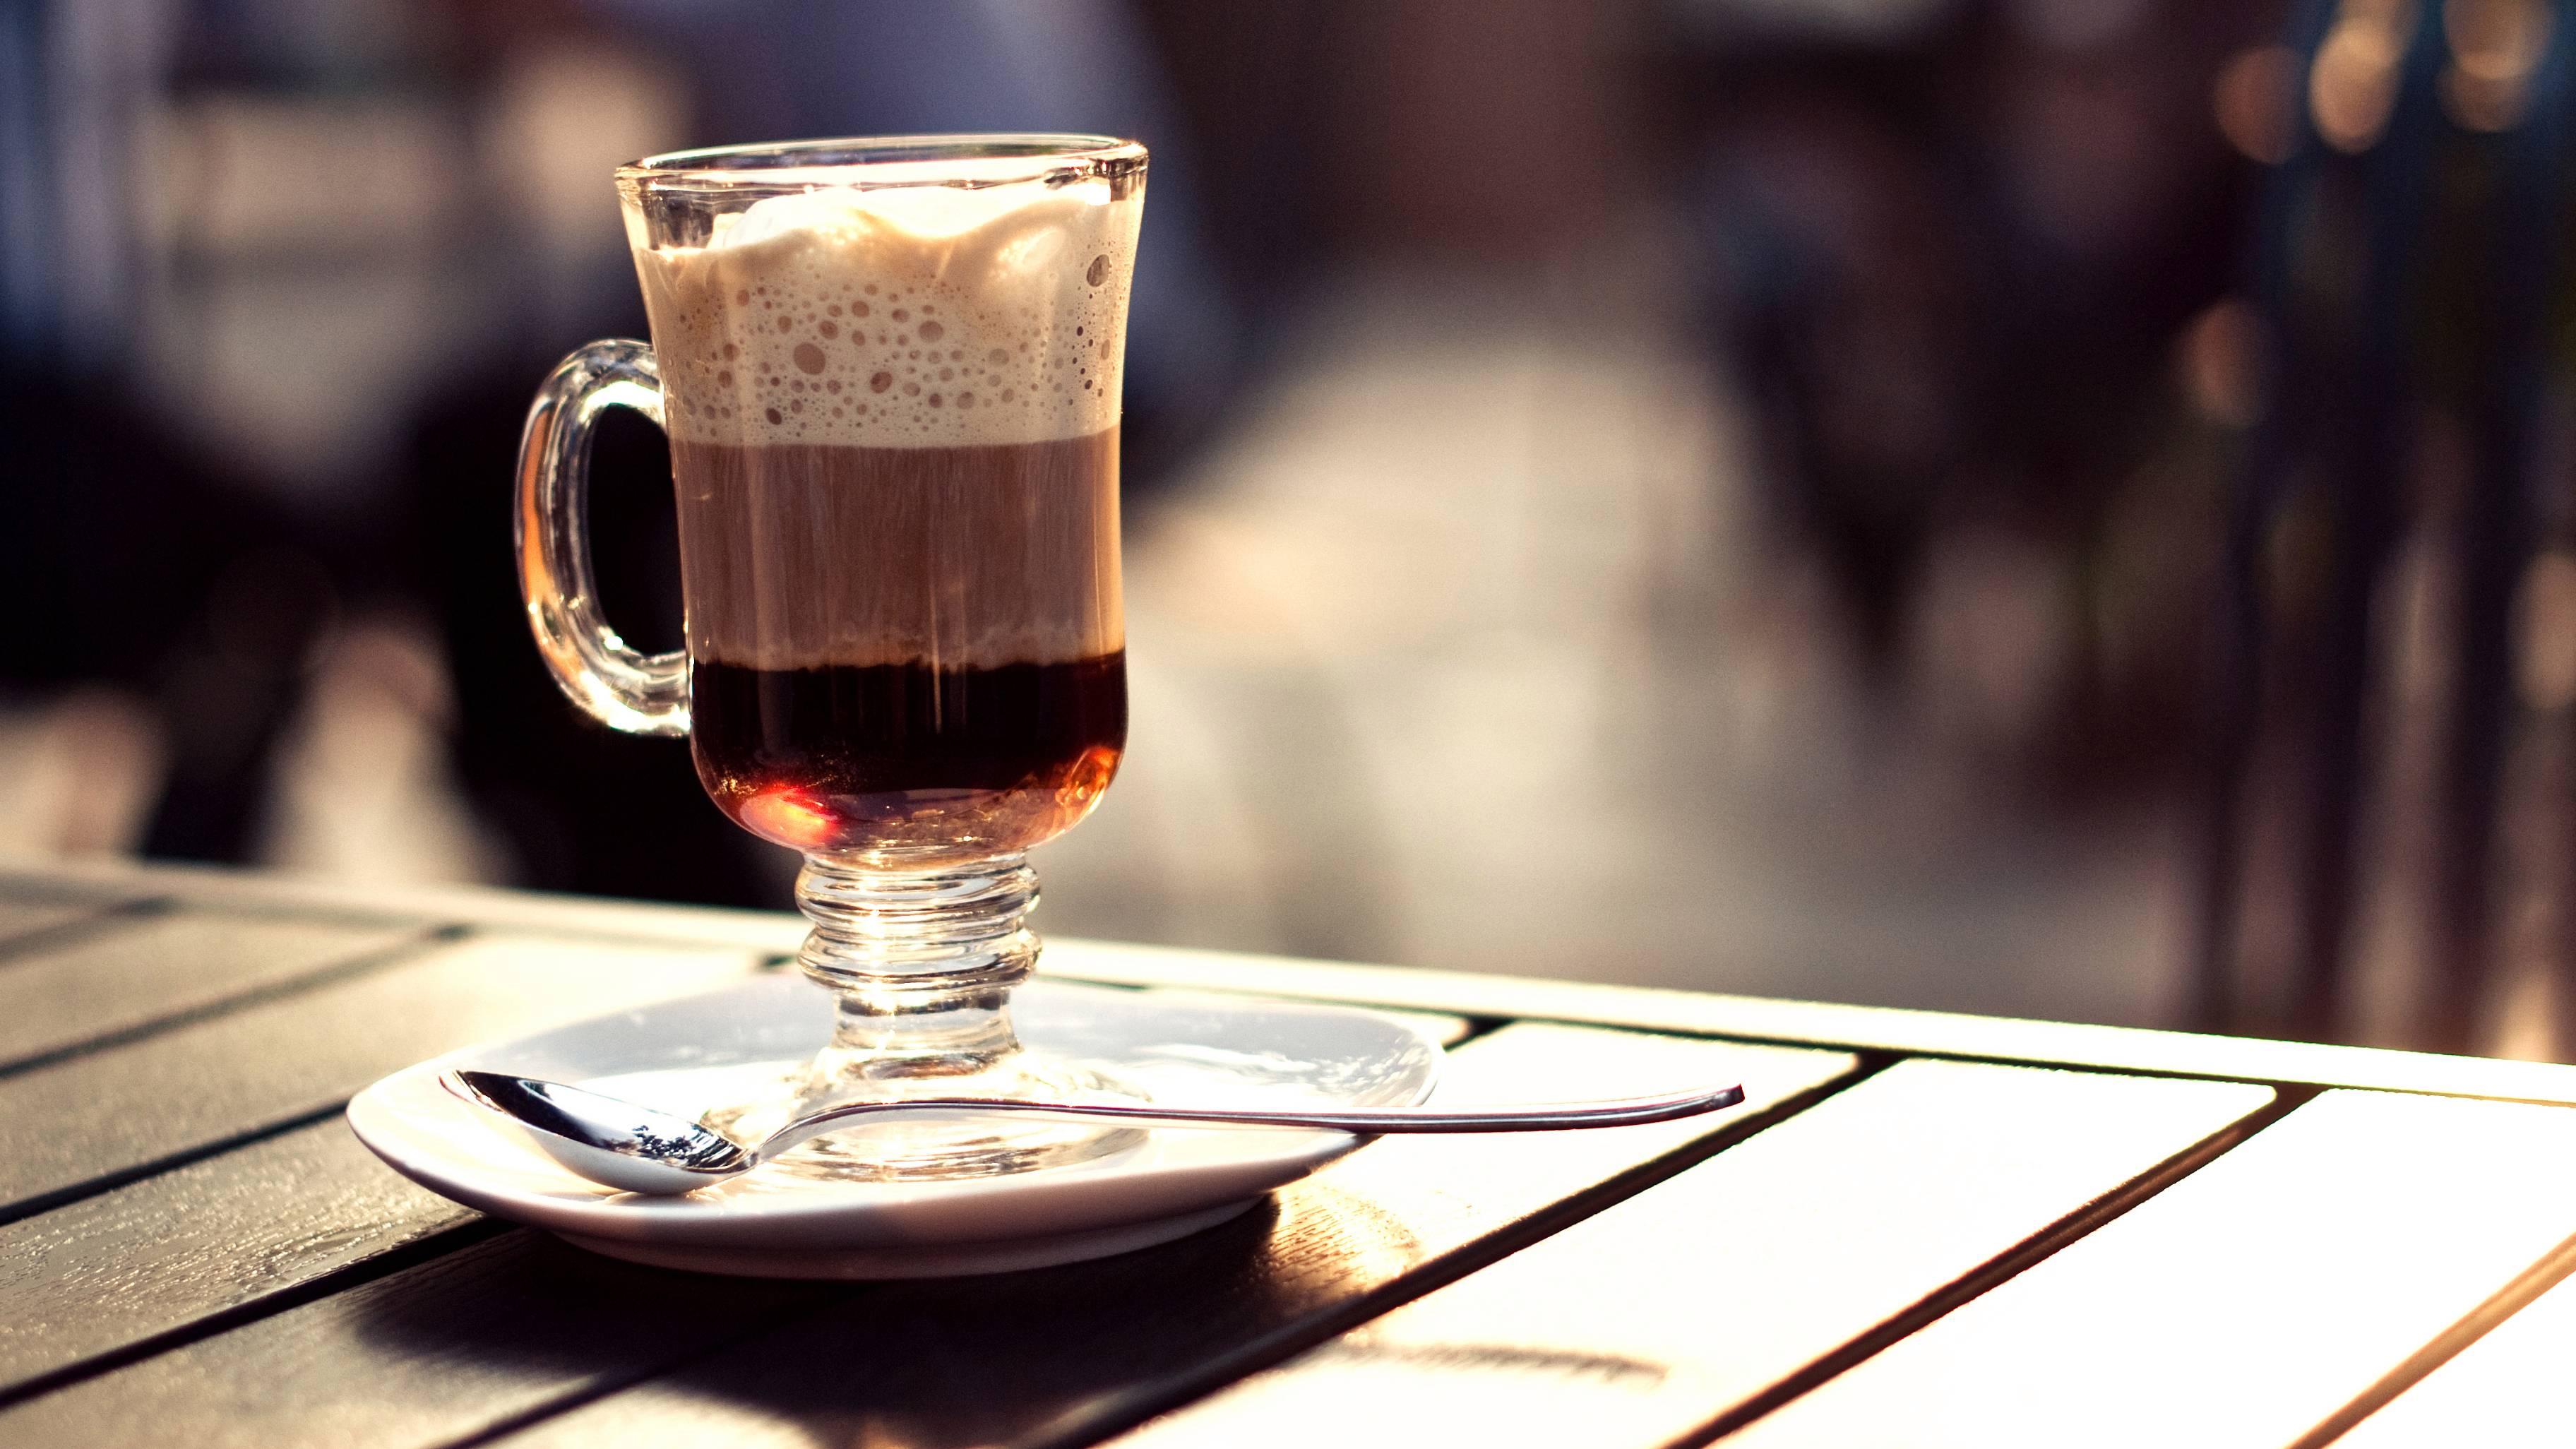 Айриш кофе - рецепт коктейля ирланский кофе